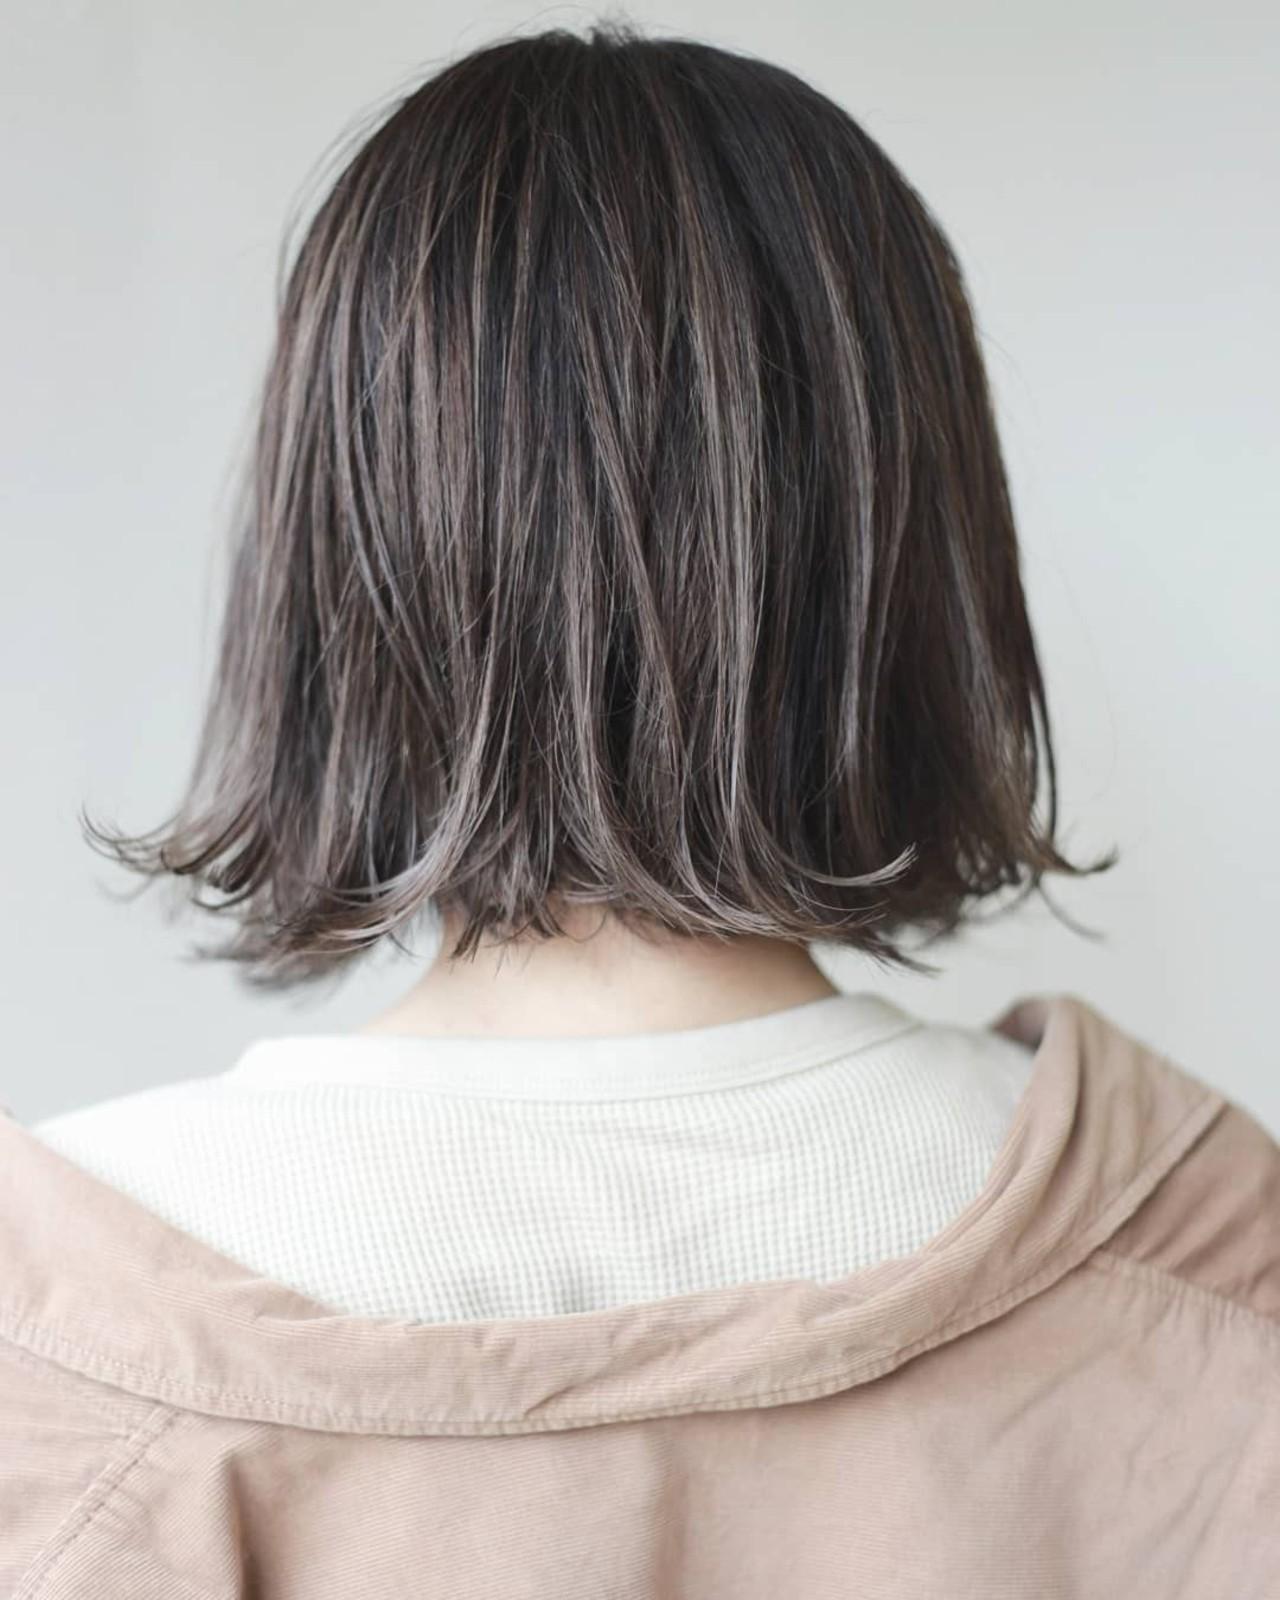 ハイライト ミルクティーグレー ナチュラル 透明感 ヘアスタイルや髪型の写真・画像